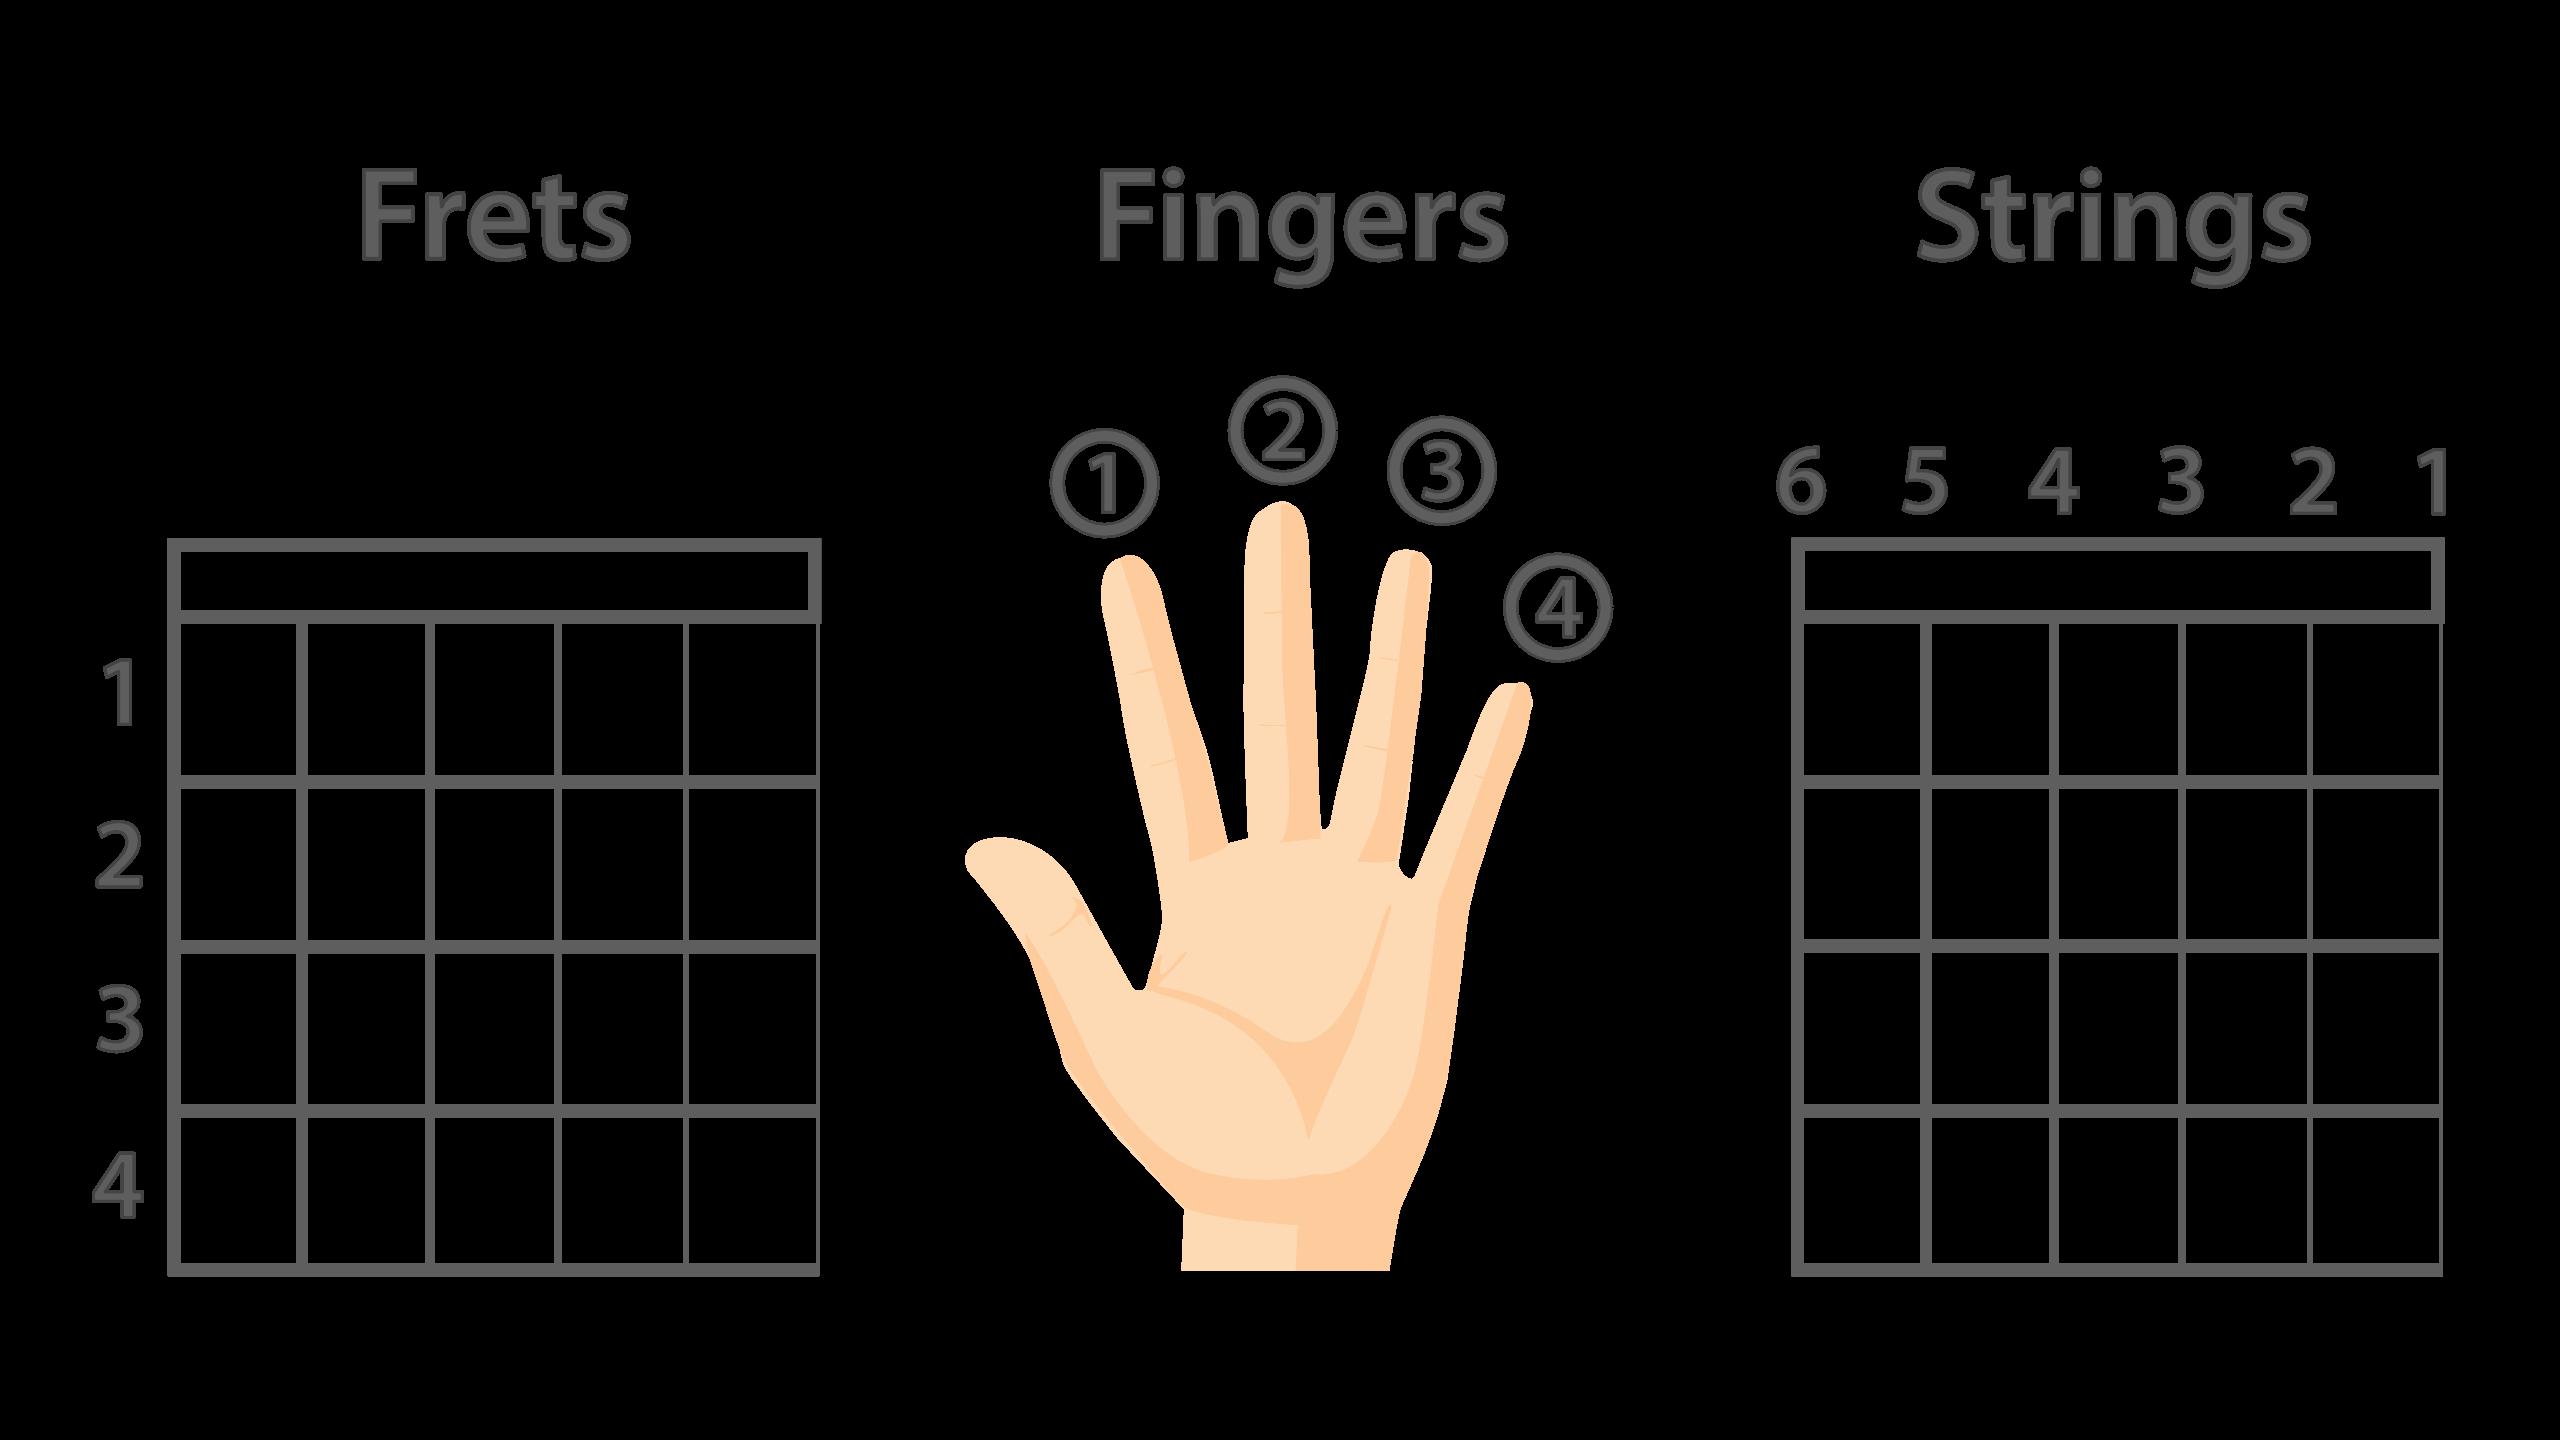 Frets, Fingers & Strings